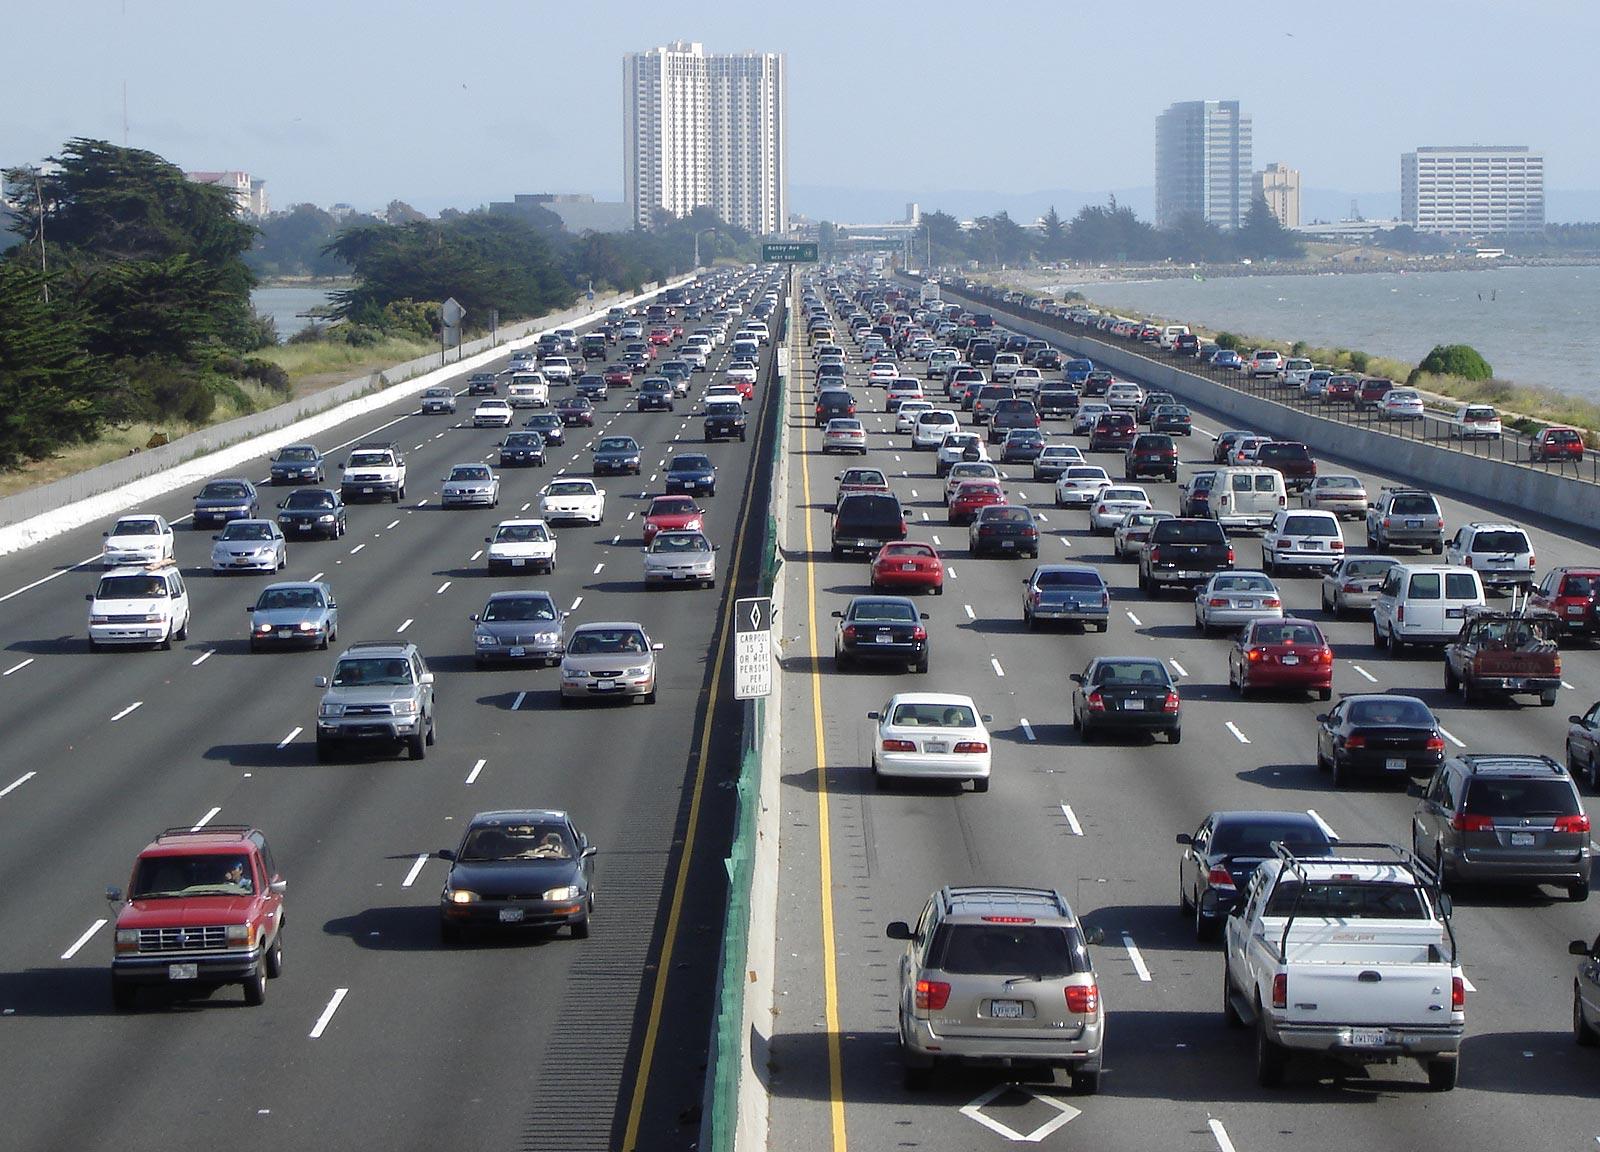 Araç Paylaşımı Gibi Mobilite Çözümleri, Otomotiv Sektörünün Geleceğini Belirleyecek